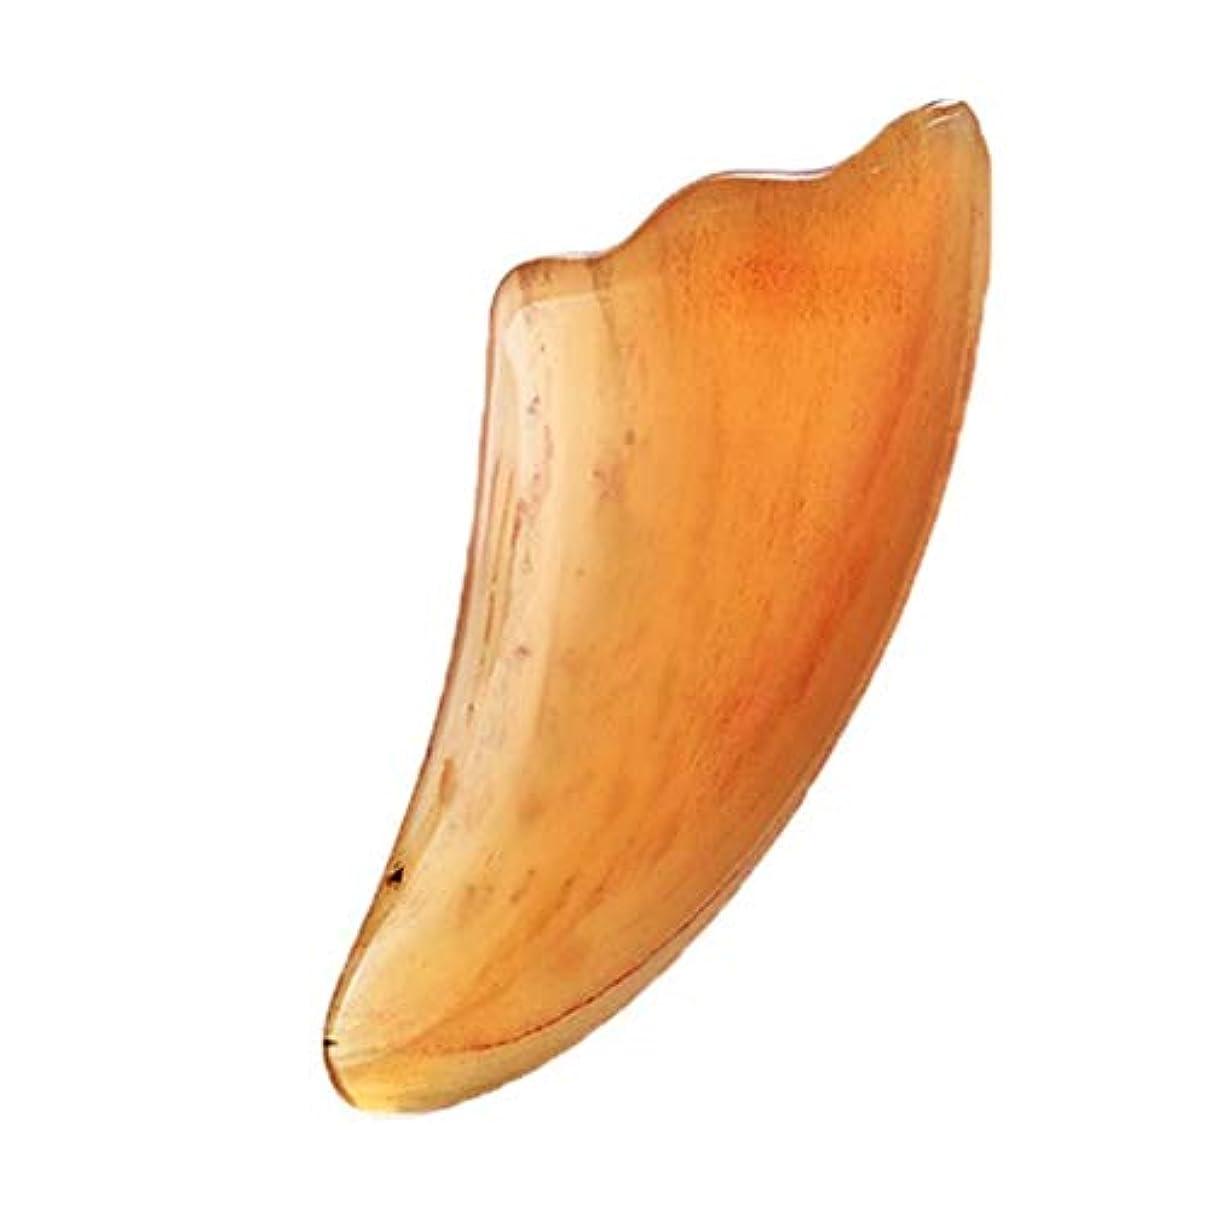 品種骨折またねグアシャマッサージツールフェイスヘッドスクレーピングバッファローホーングアシャスクレーパー、SPA理学療法ボードトリガーポイント鍼 (Color : 黄)